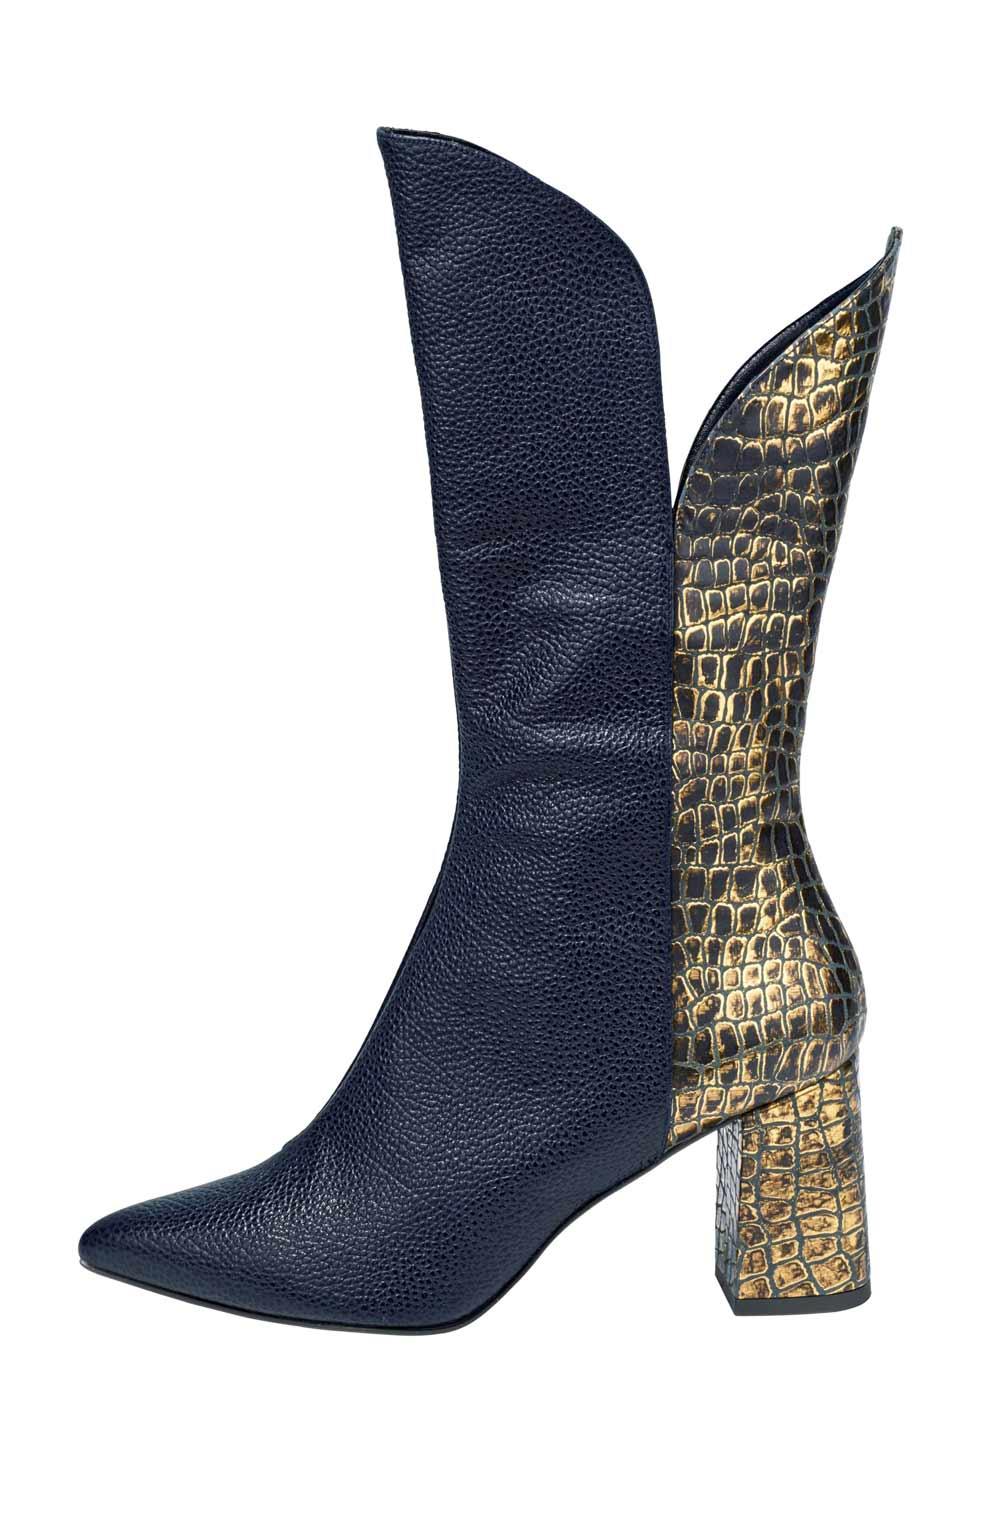 Heine Stiefel aus Leder blau-goldfarben 060.274 Missforty